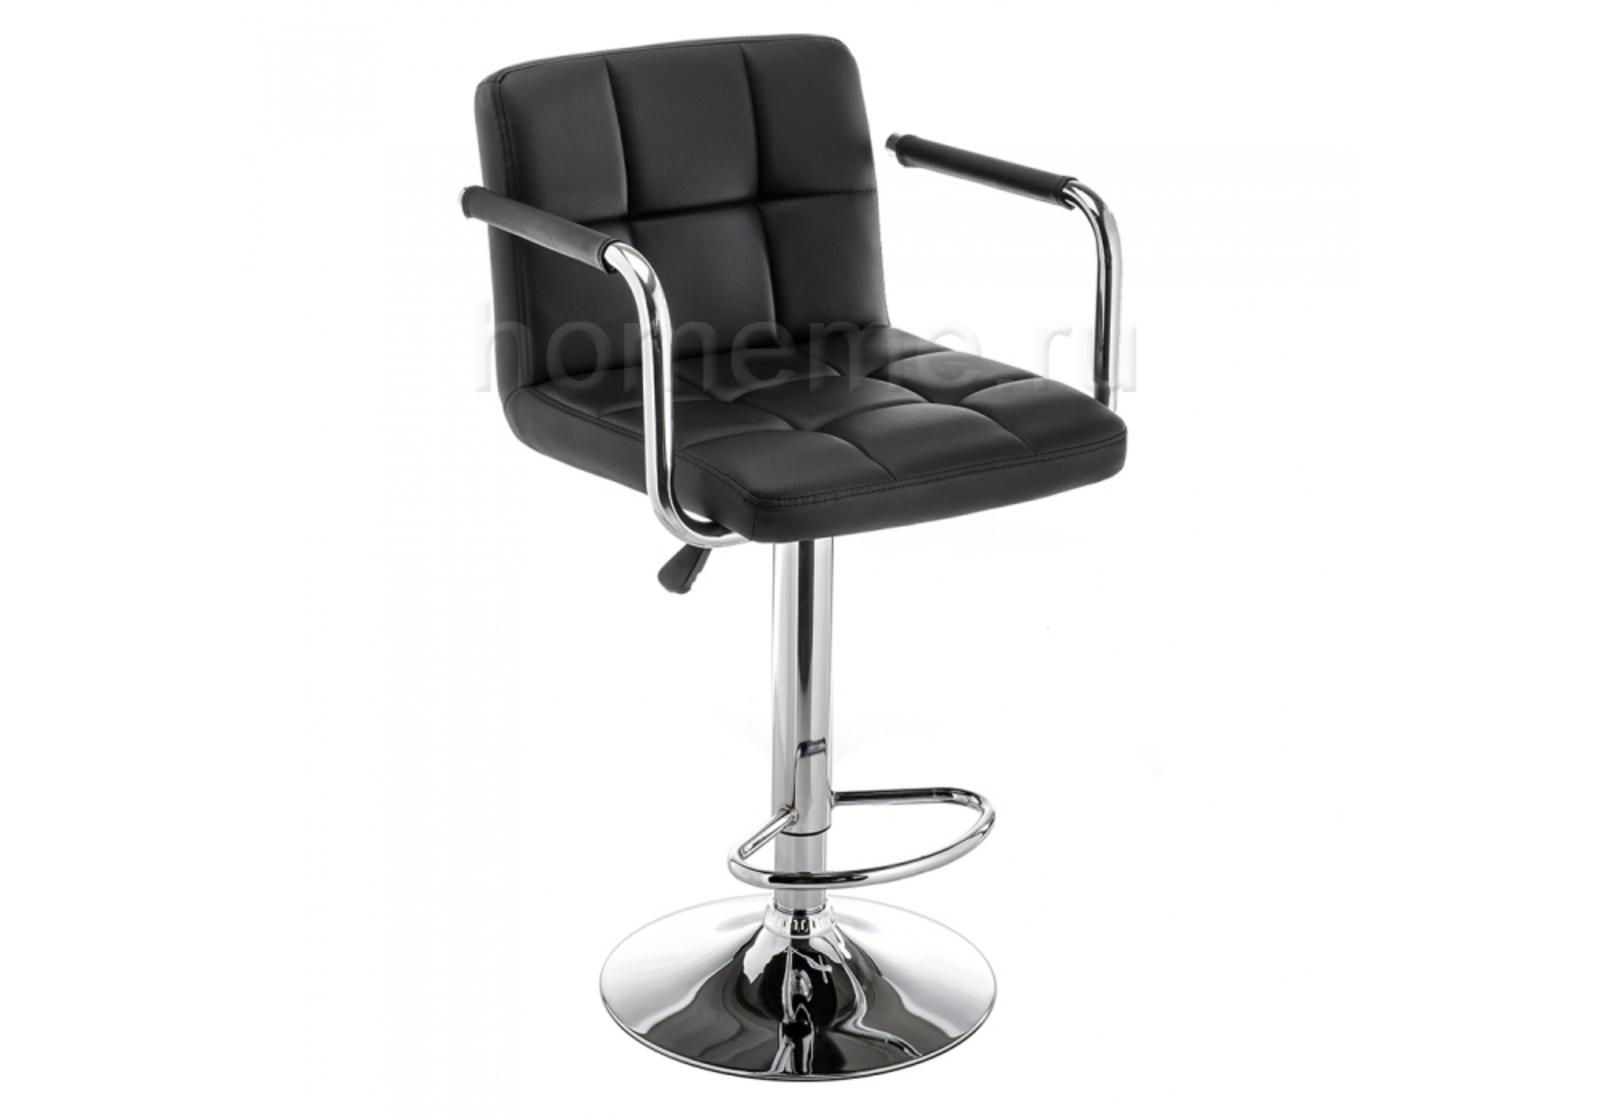 Барный стул Turit черный 11376 Turit черный 11376 (16729)